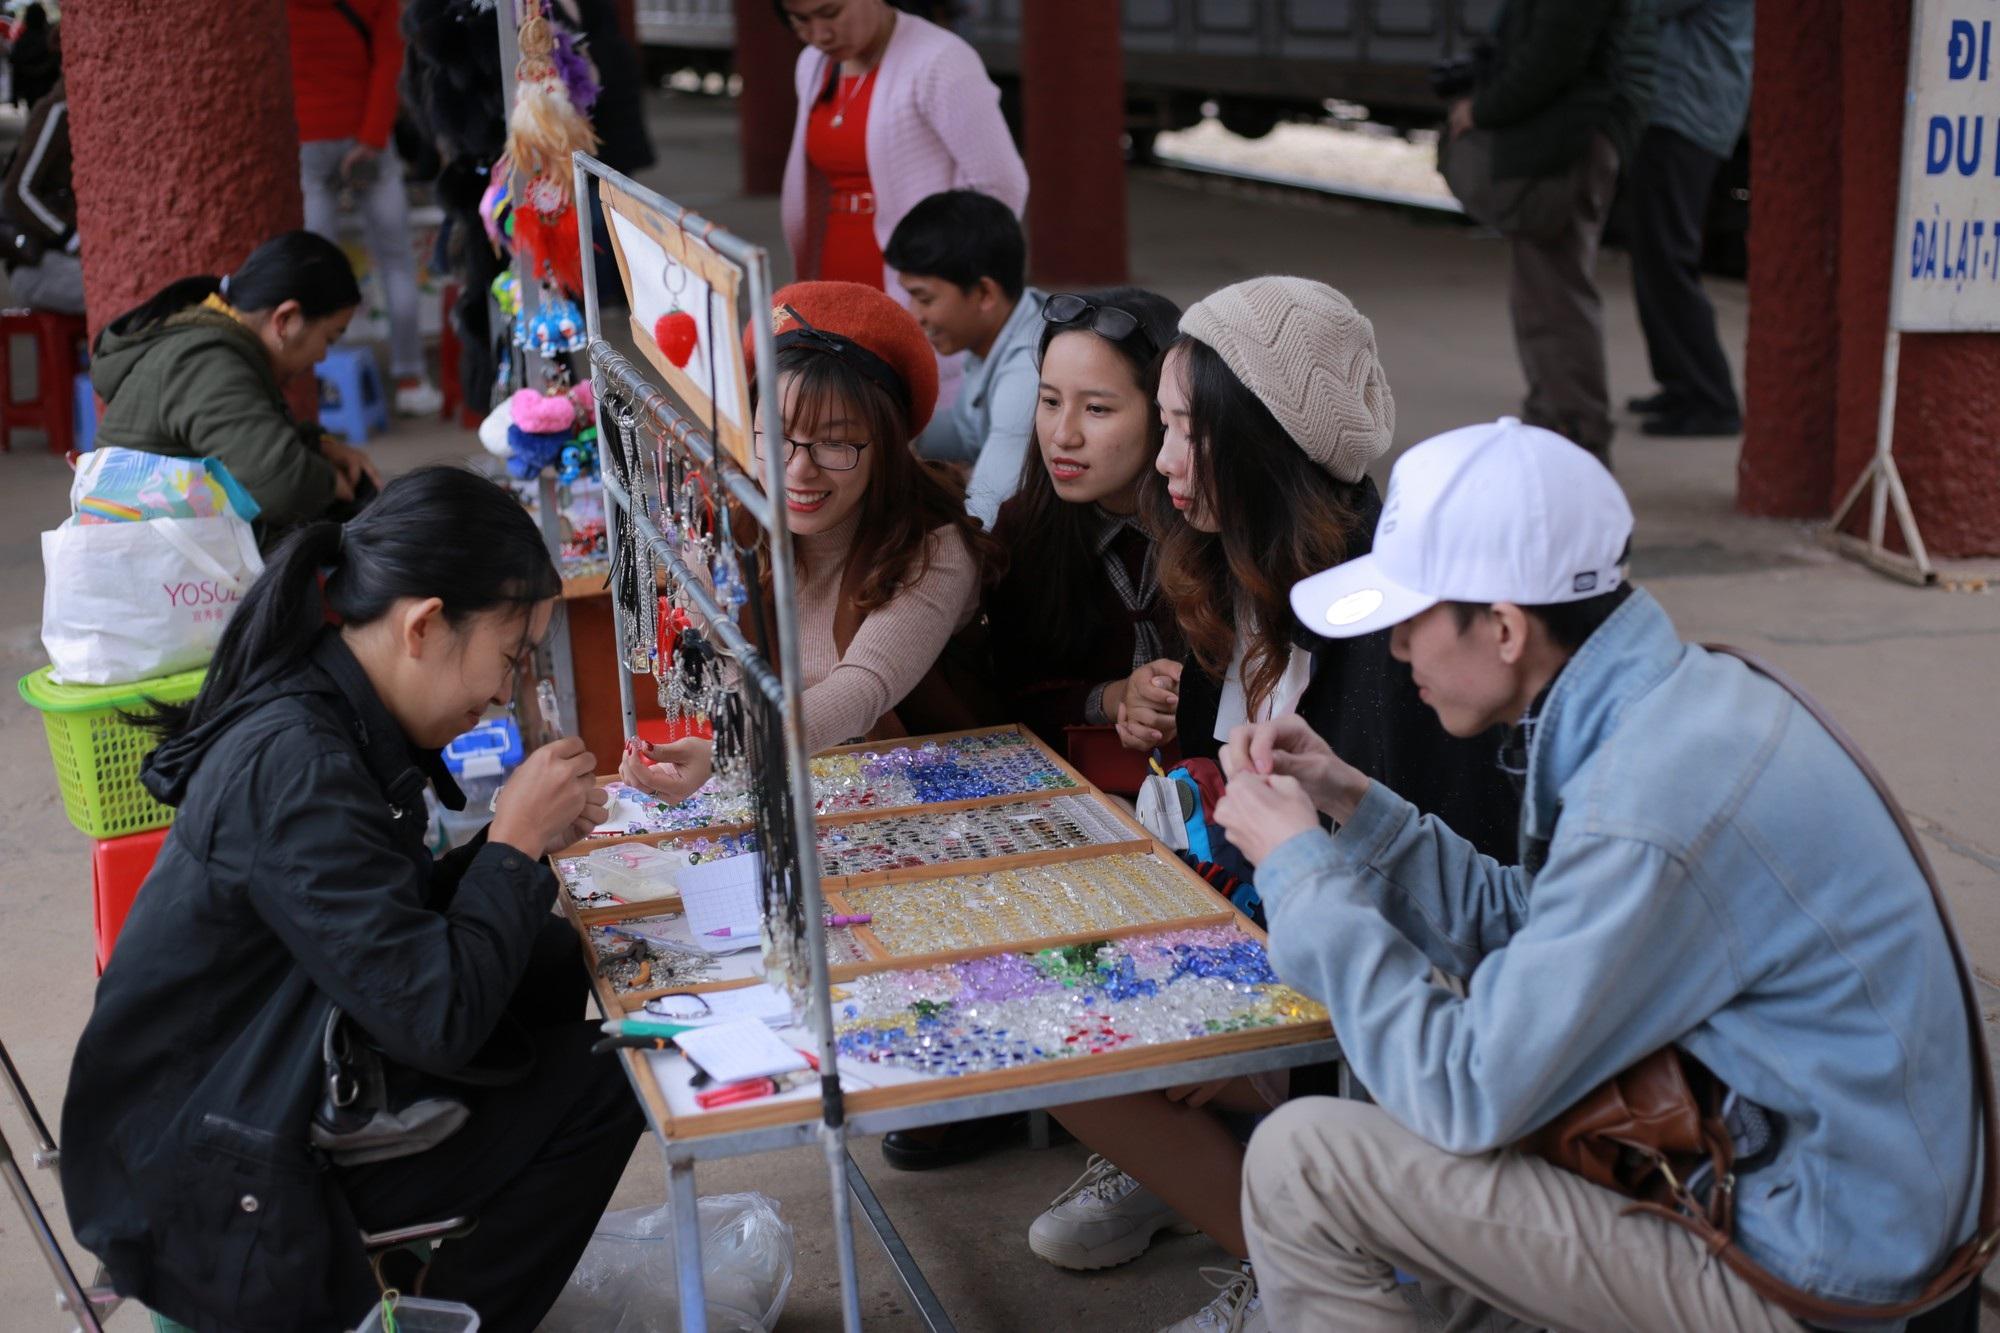 Nhiều điểm vui chơi ở Đà Lạt quá tải dịp Tết dương lịch 2019 - Ảnh 7.